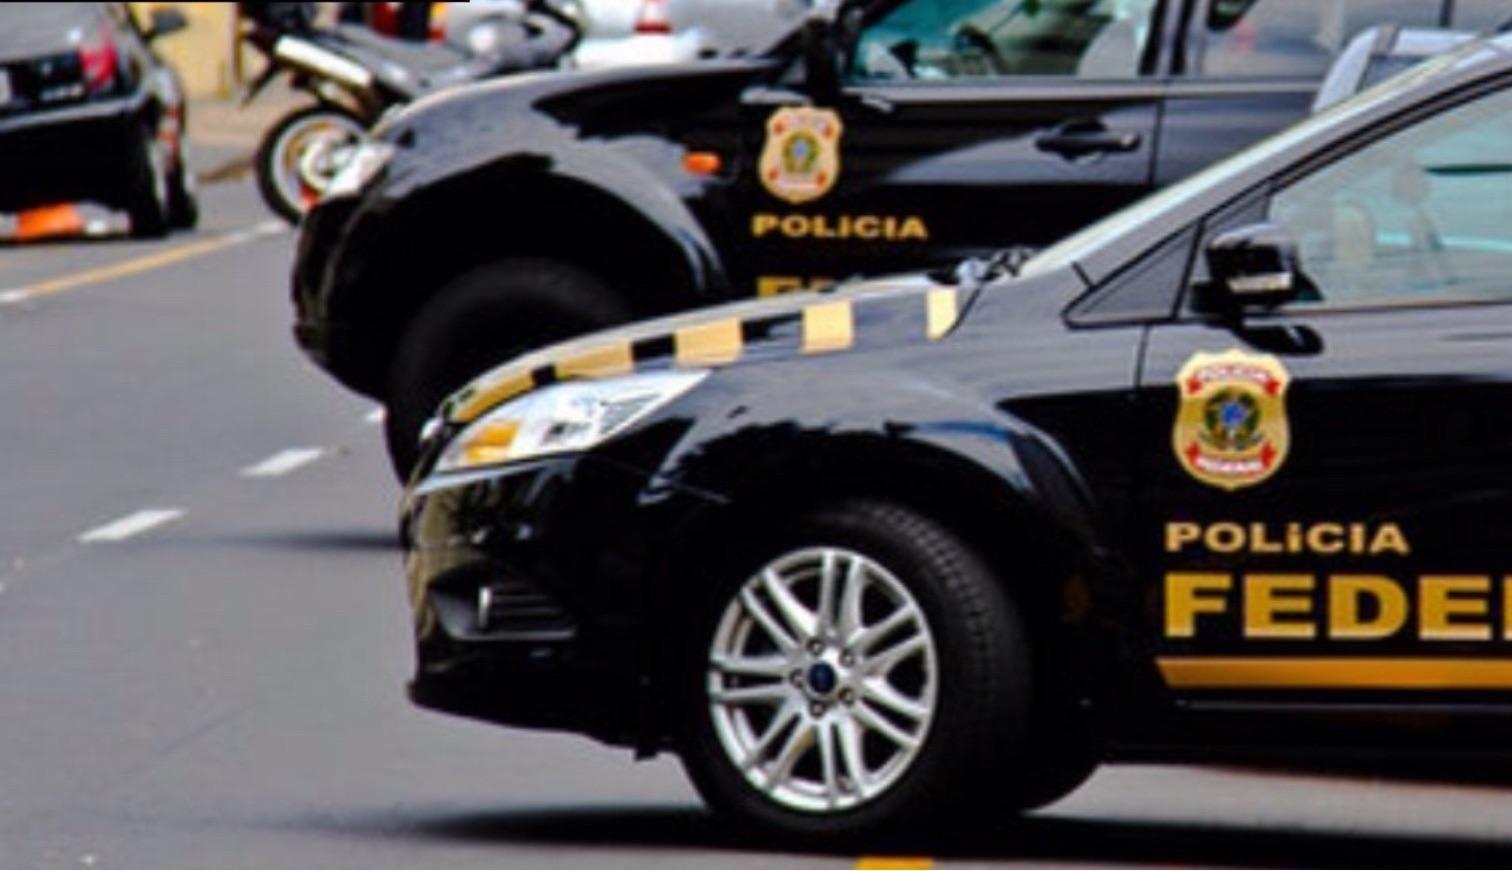 Polícia Federal desarticula quadrilha suspeita de fraudar R$ 19 bi da Receita